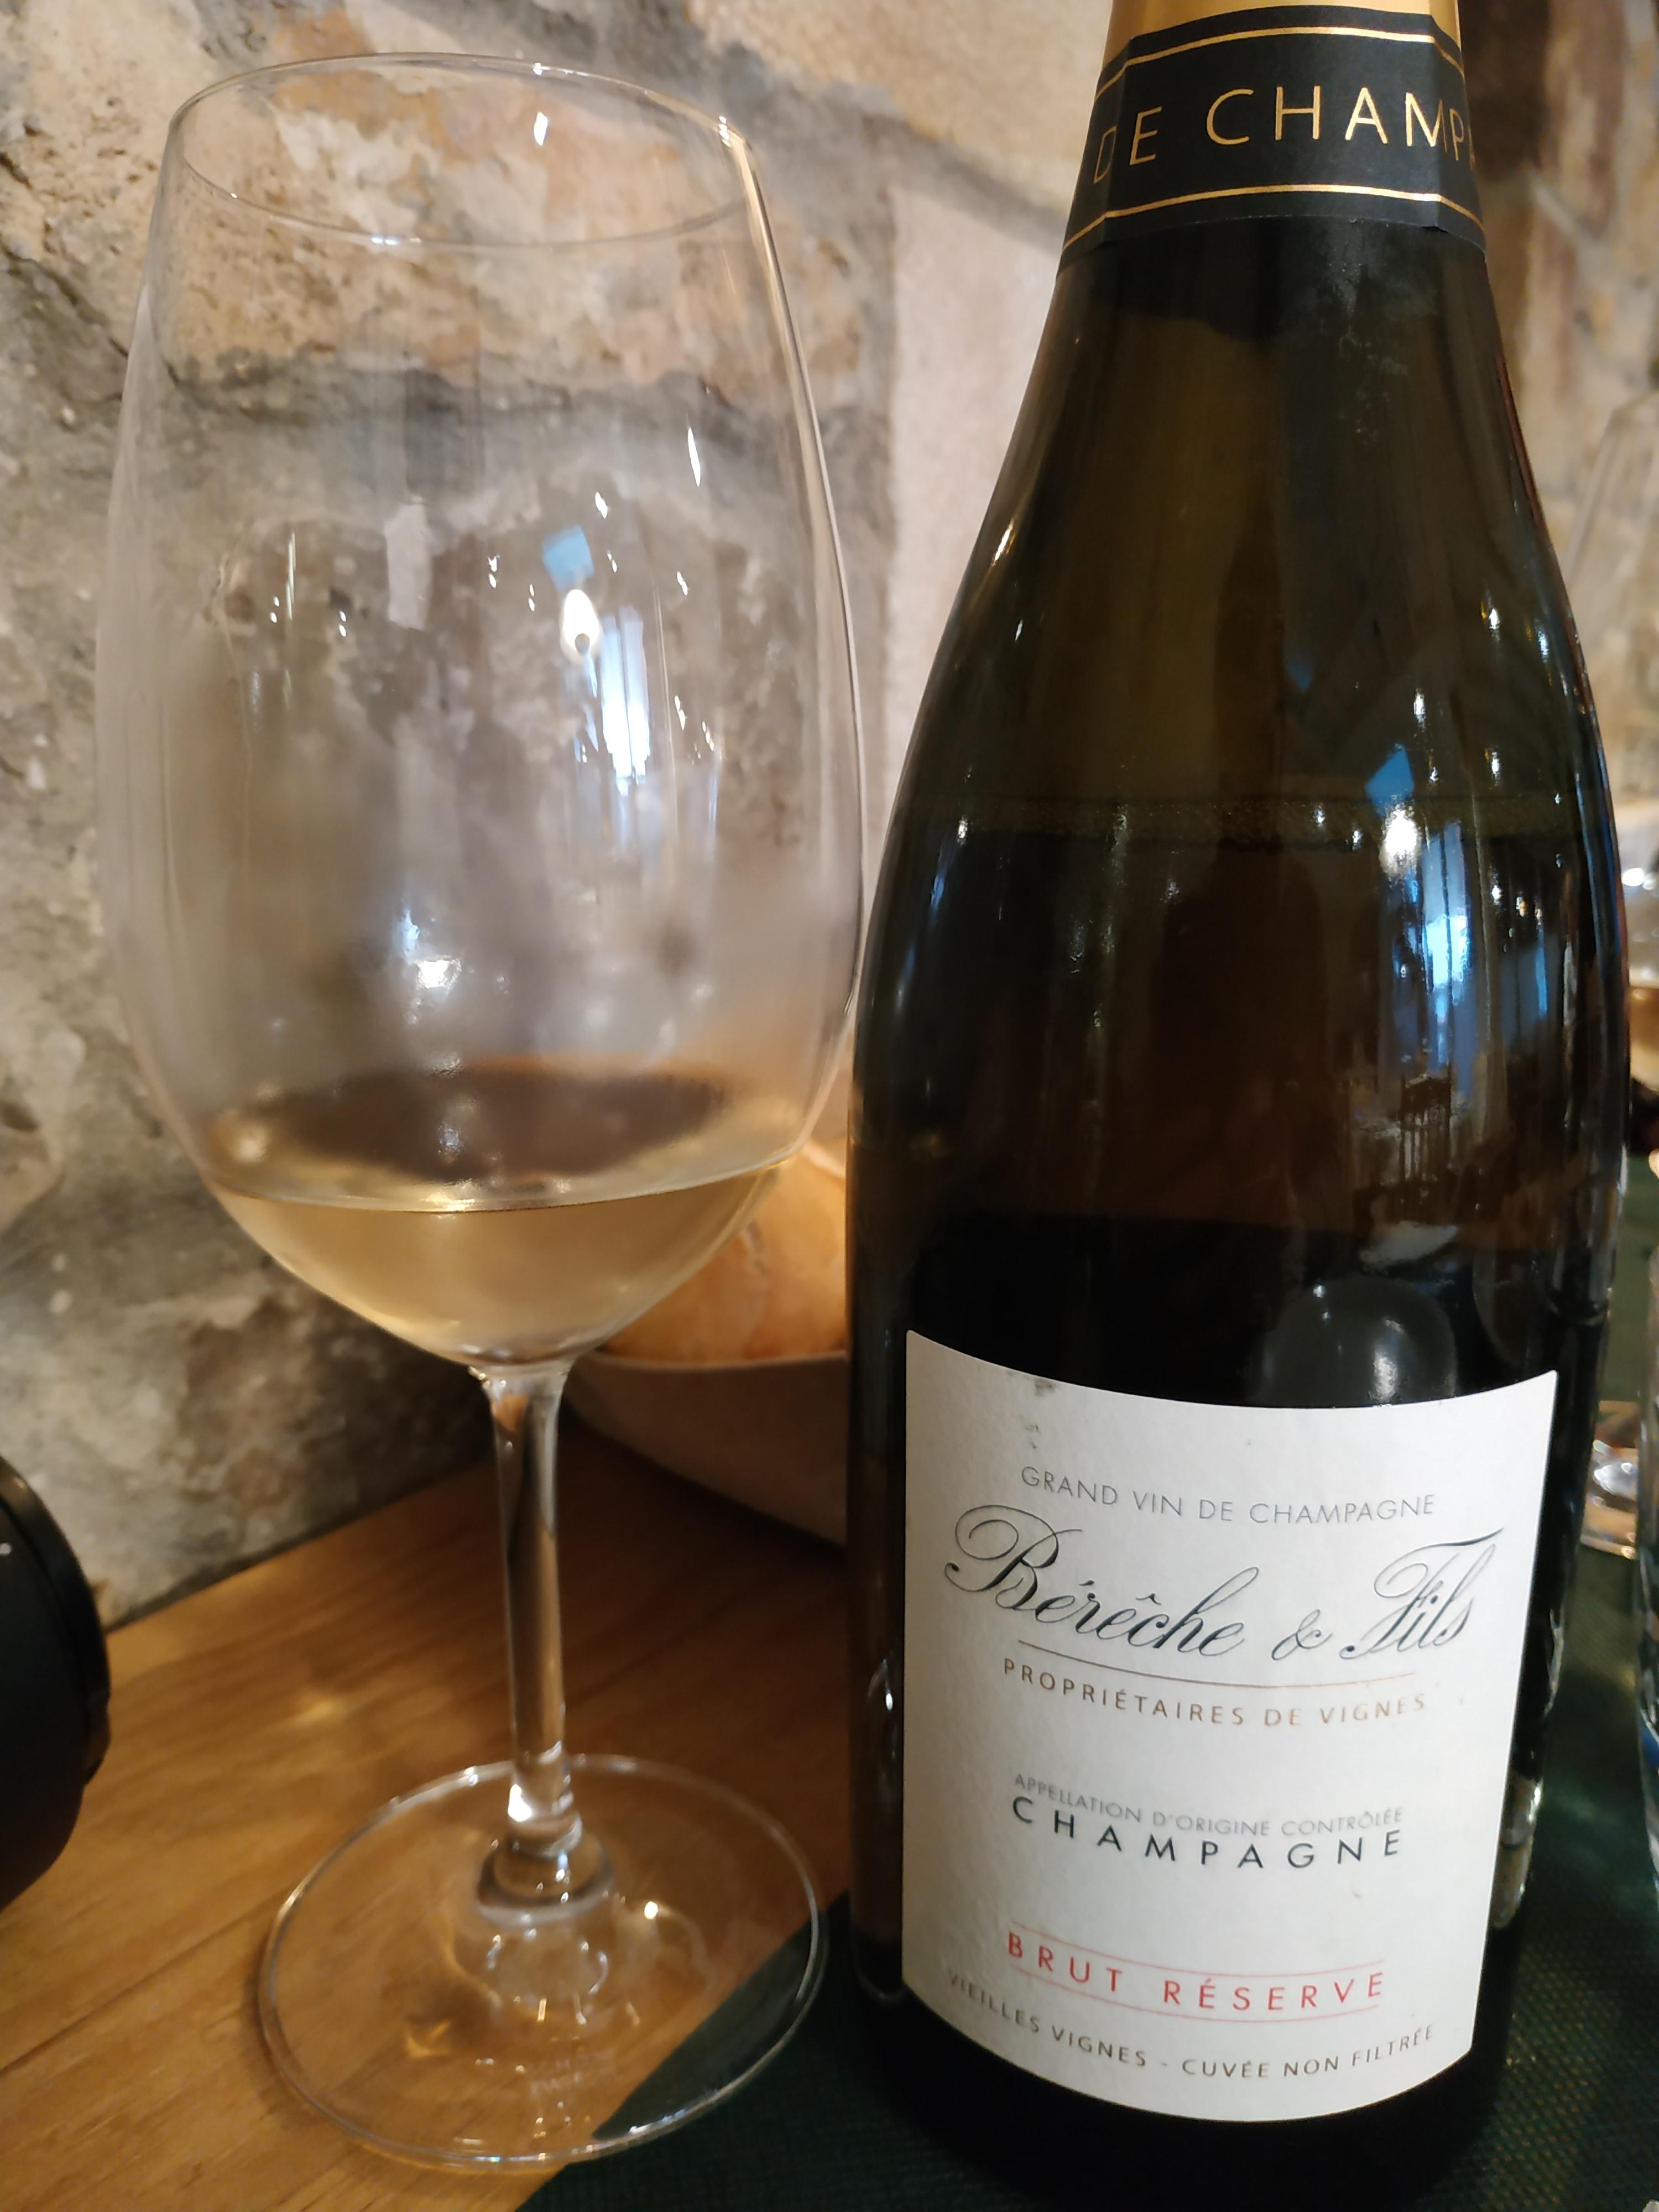 Restaurante Casa Cofiño Para comer: Bérêche & Fils Brut Réserve